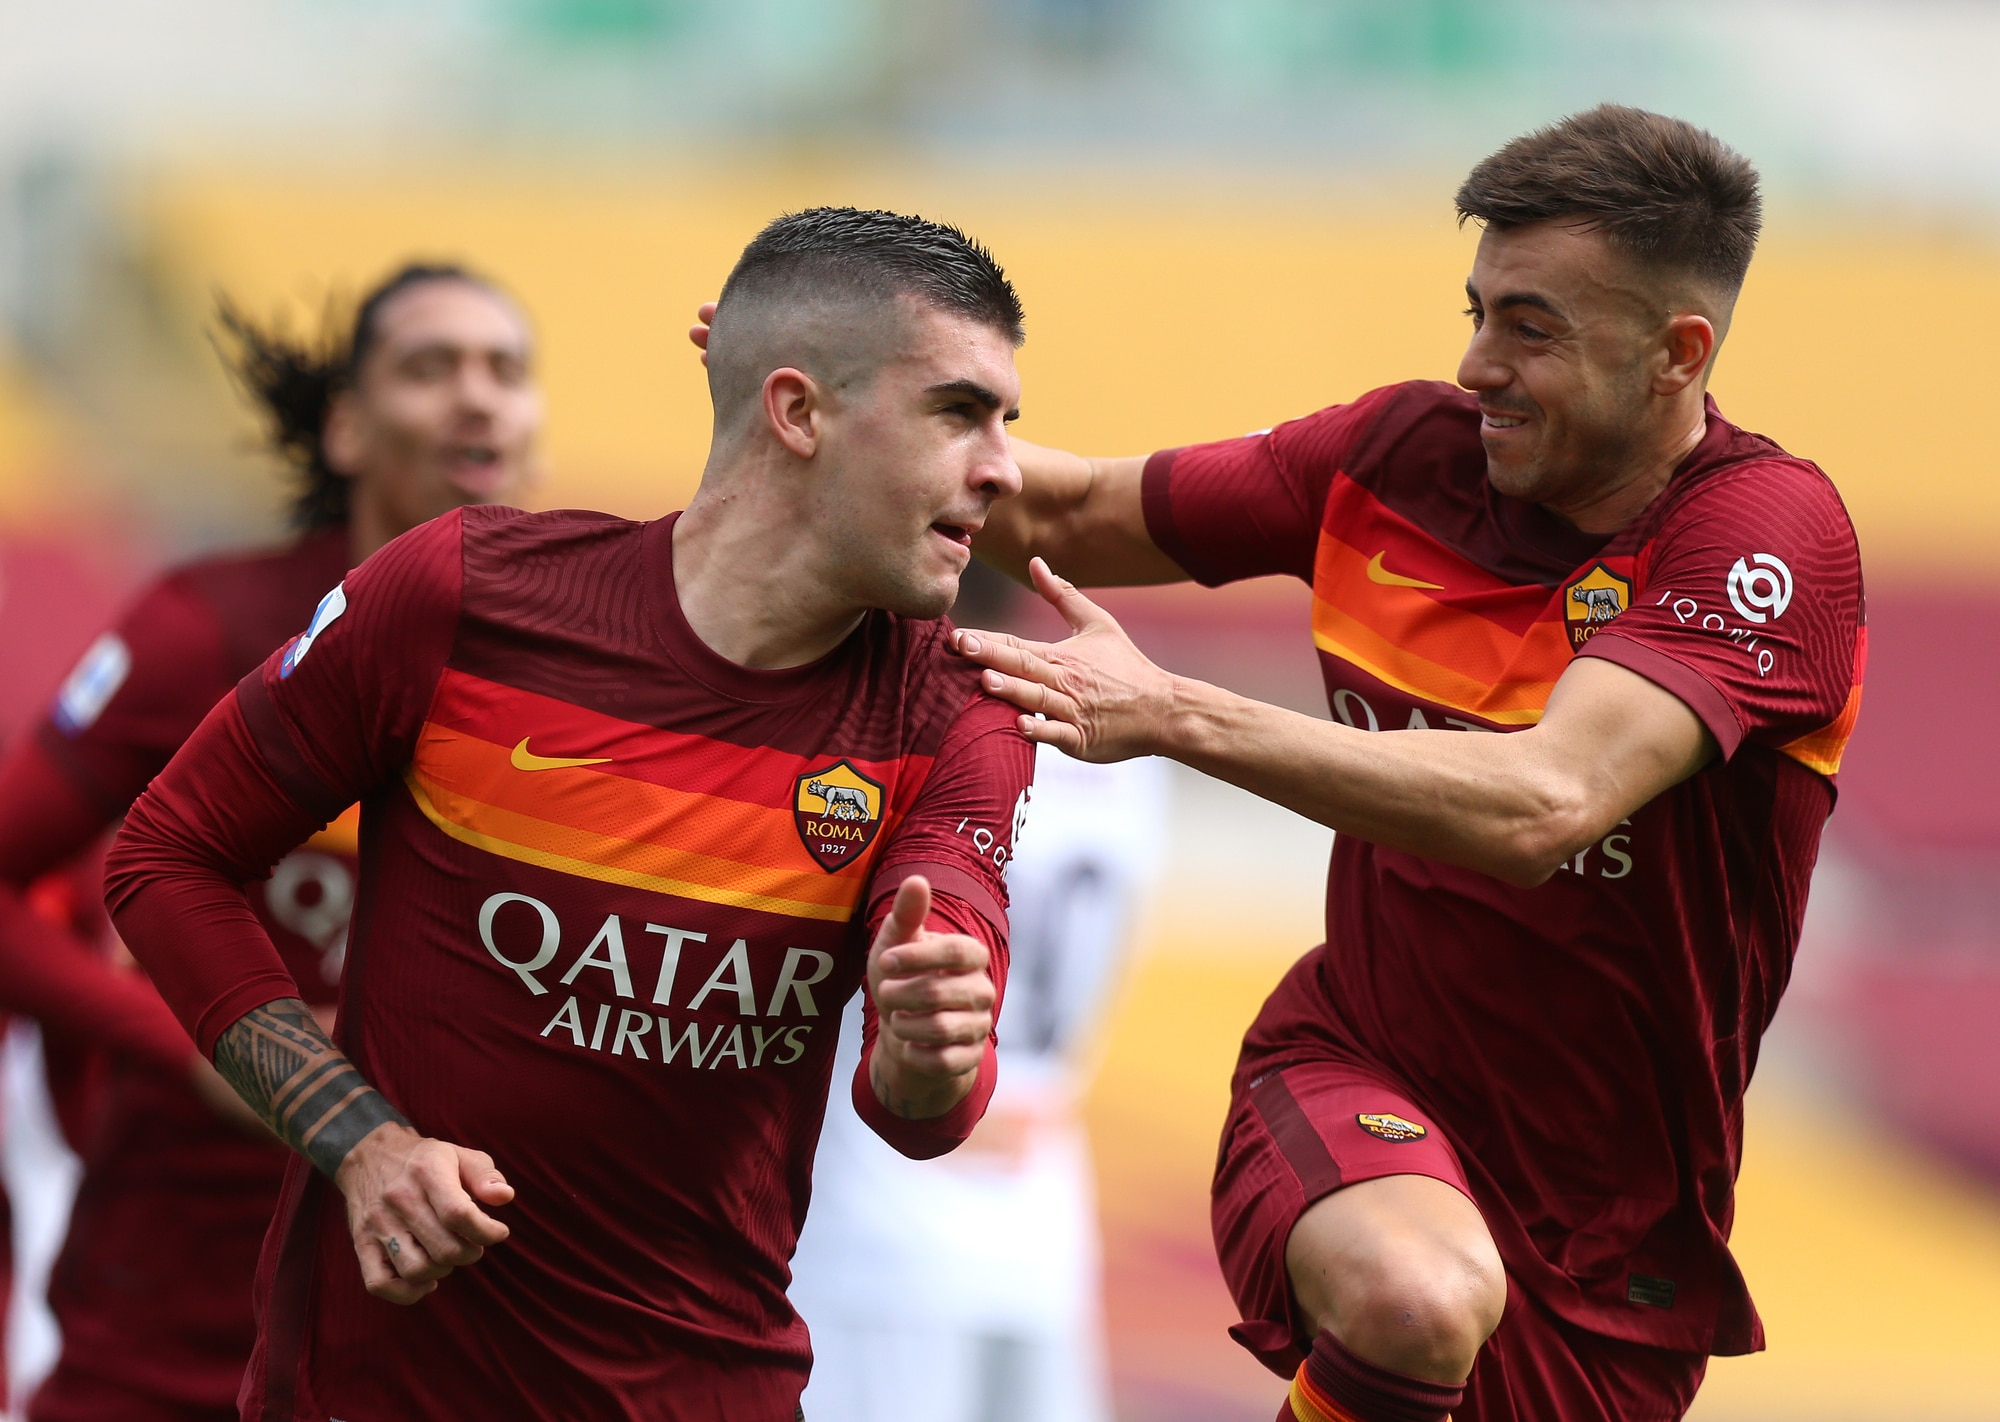 Mancini vola in cielo e batte Marchetti: Roma-Genoa 1-0